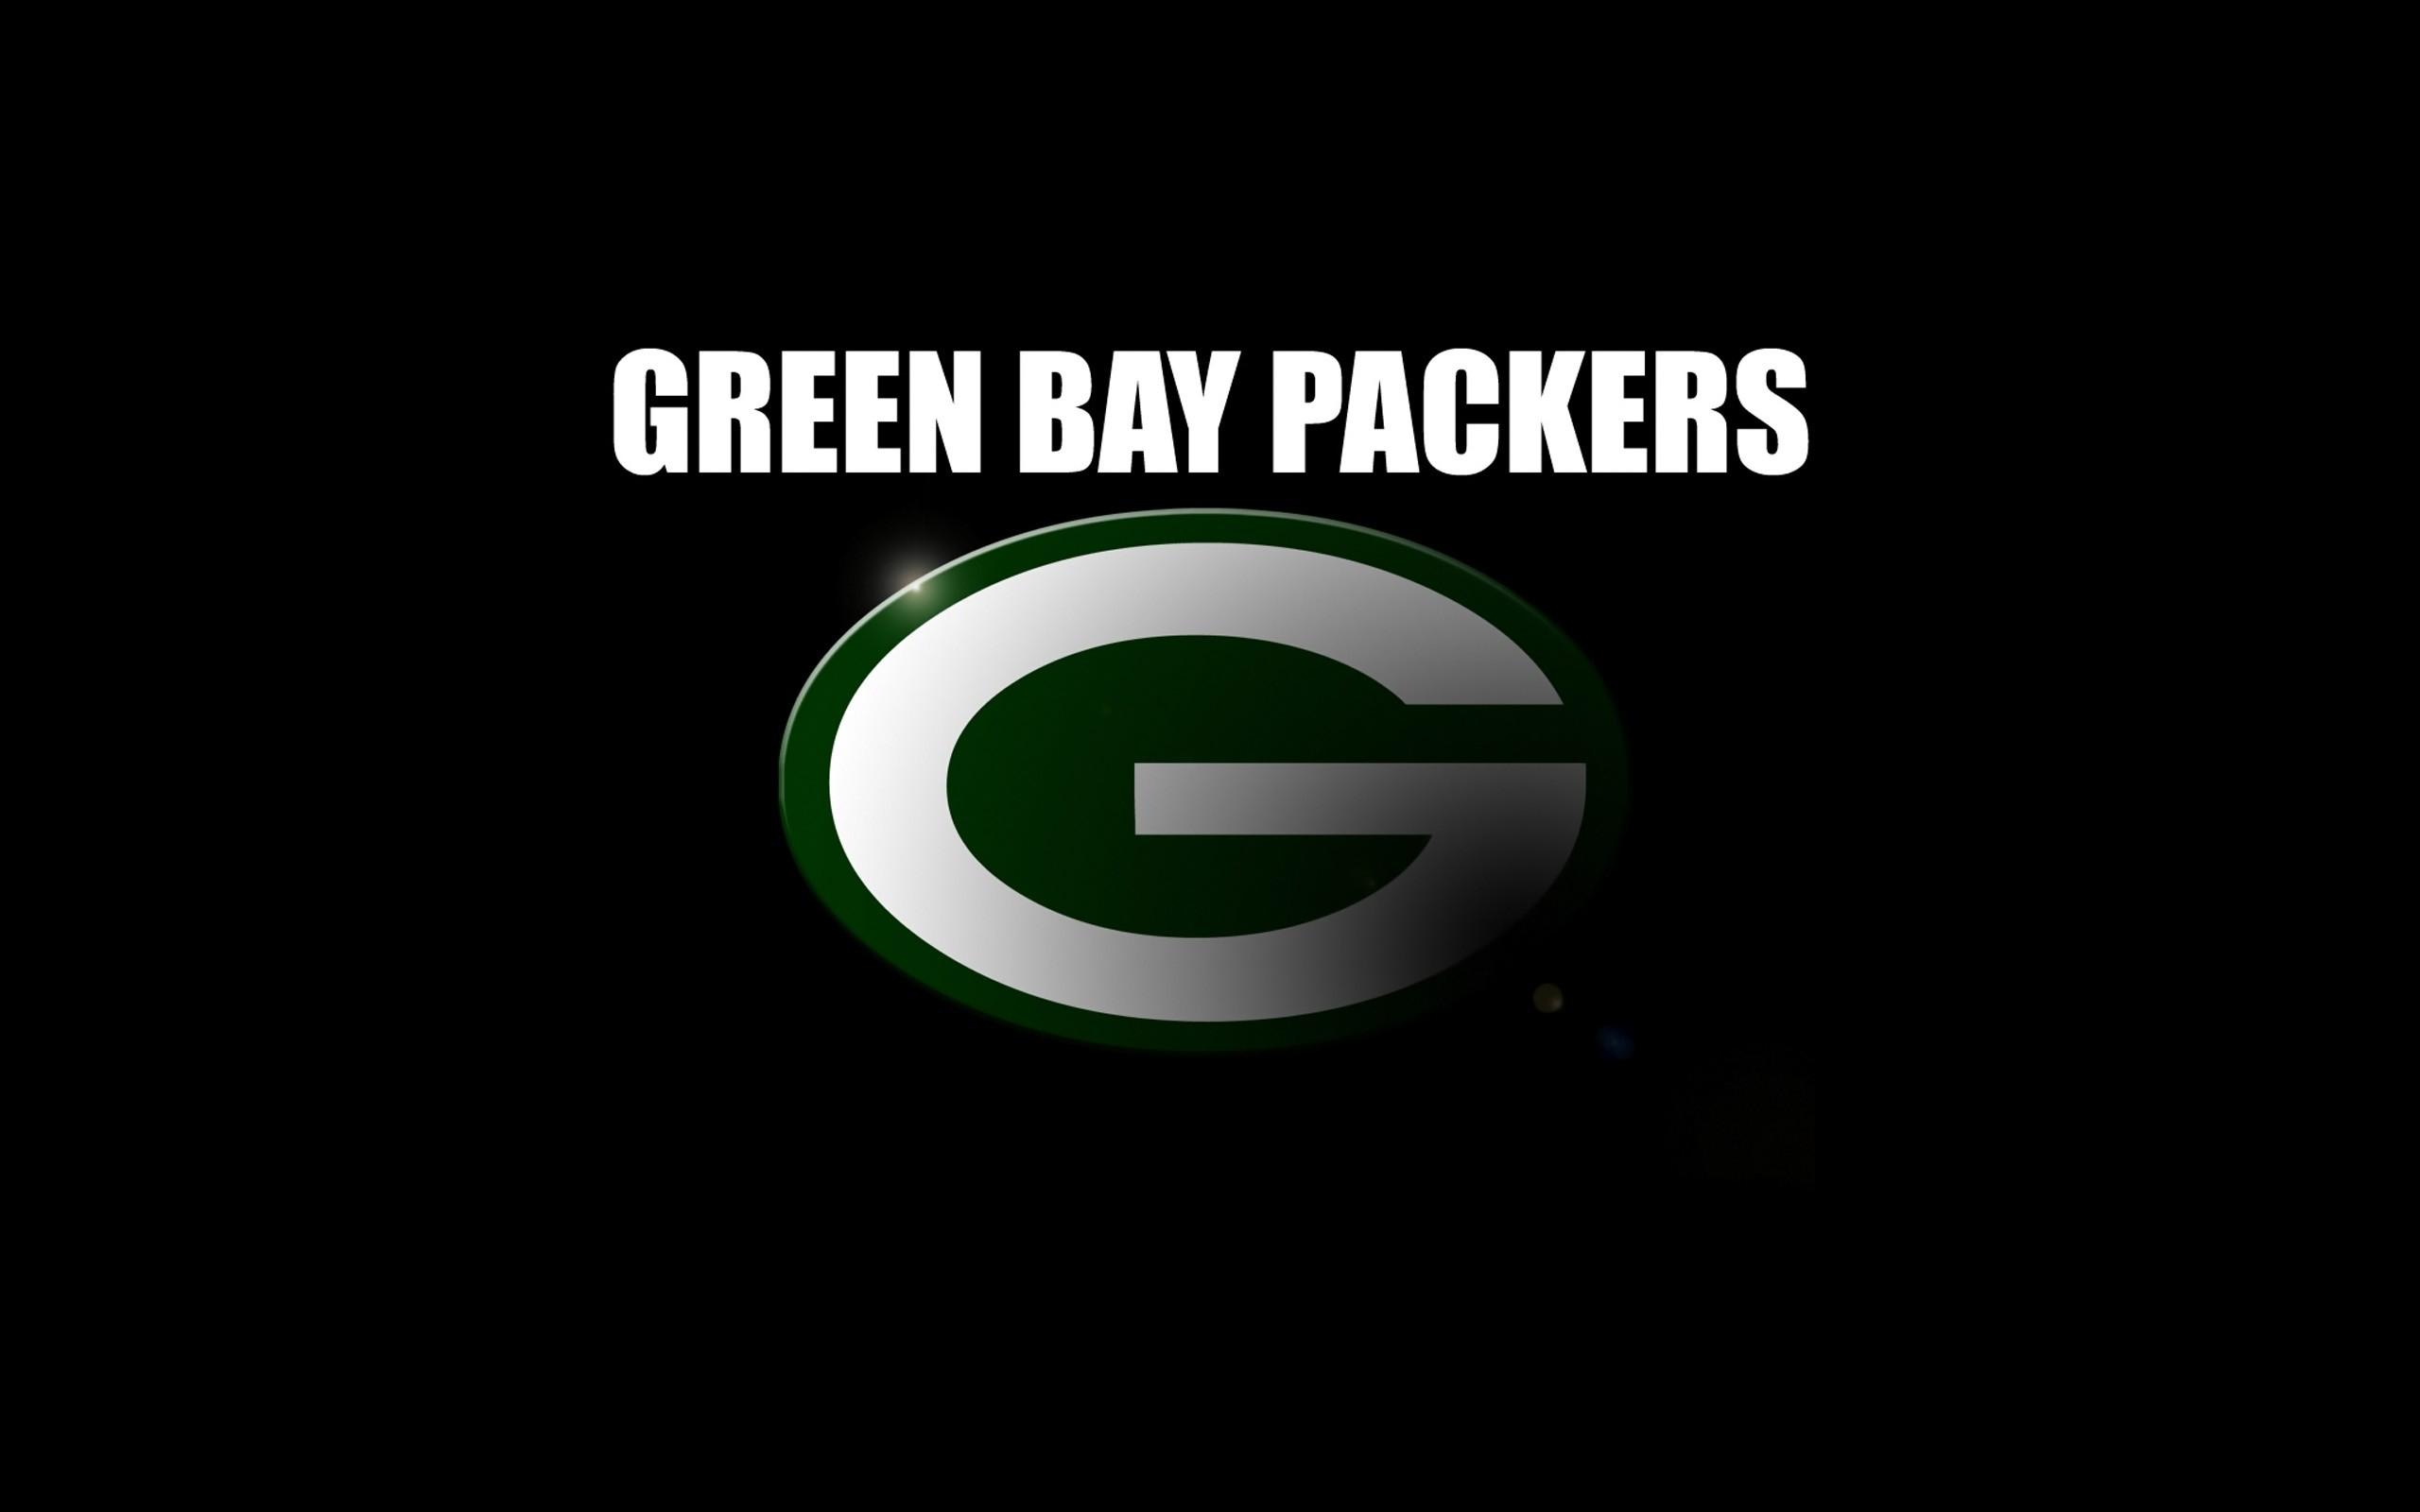 Green Bay Packers Wallpaper Graphic – WallpaperSafari